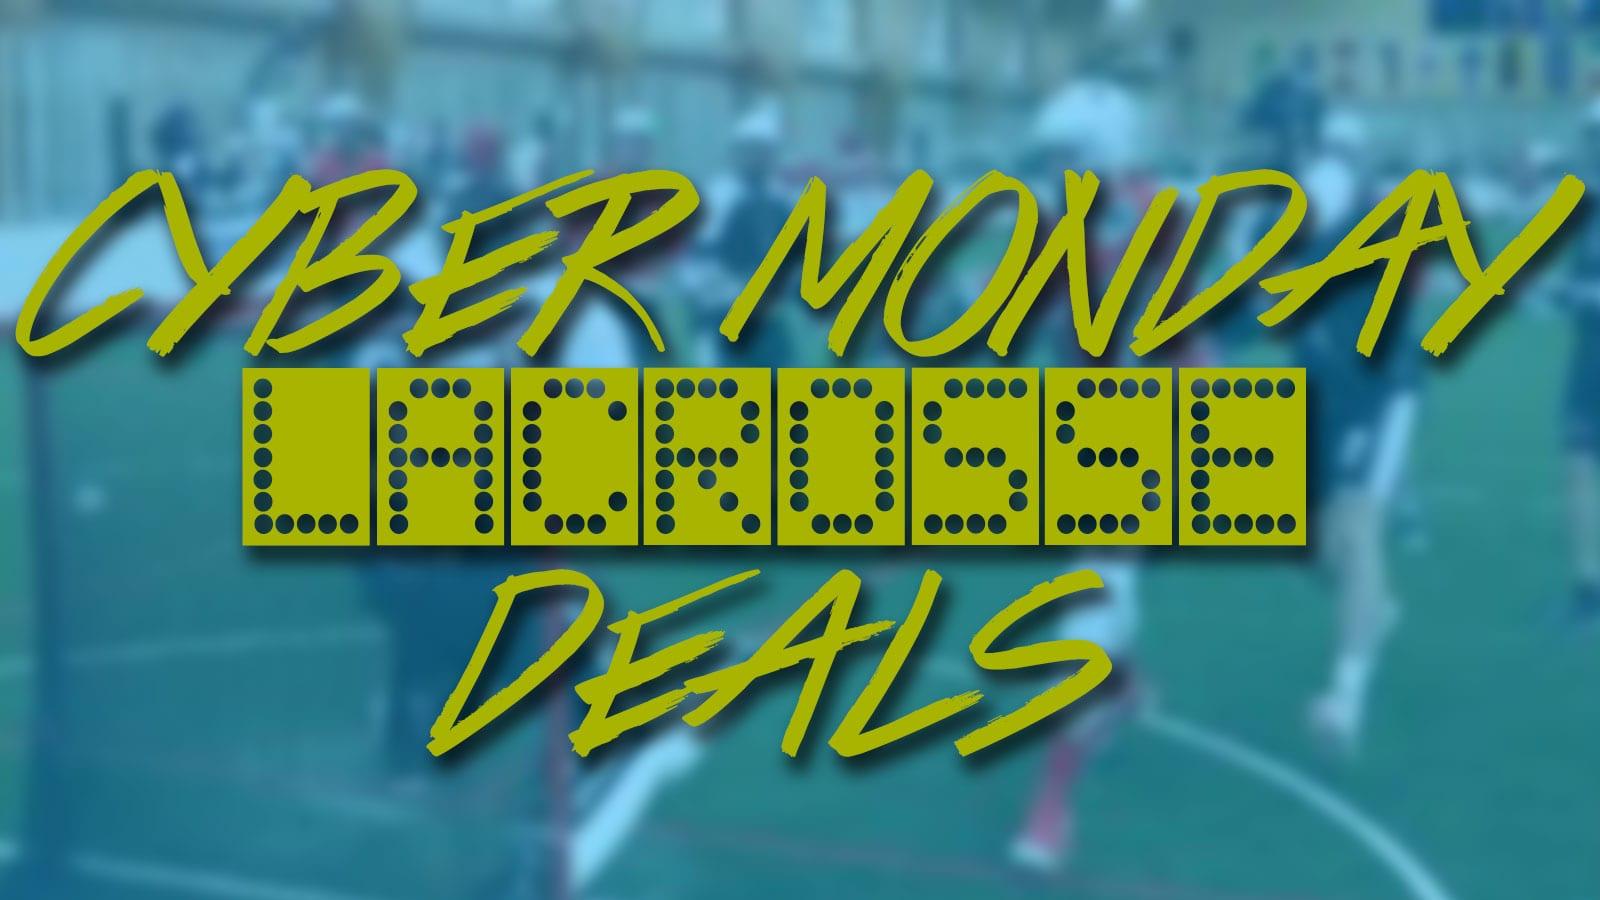 06de24c8847 Cyber Monday Lacrosse Deals 2017 - Lacrosse All Stars